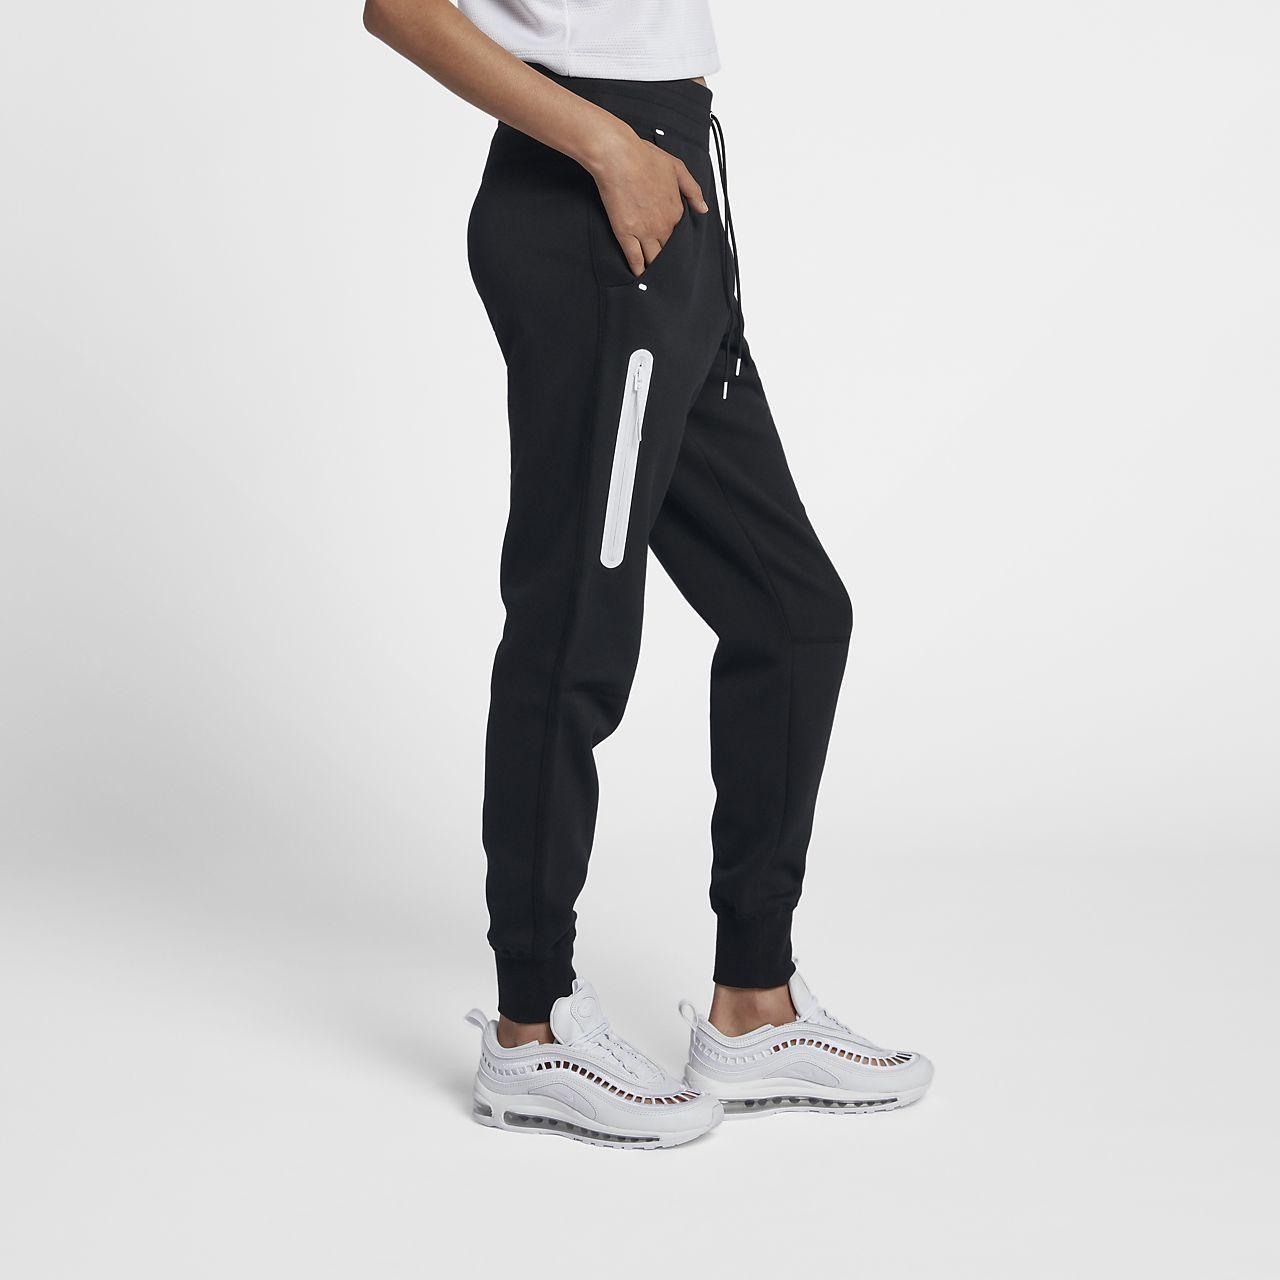 883ef0b2ef65 Nike Sportswear Tech Fleece Women s Trousers. Nike.com HU